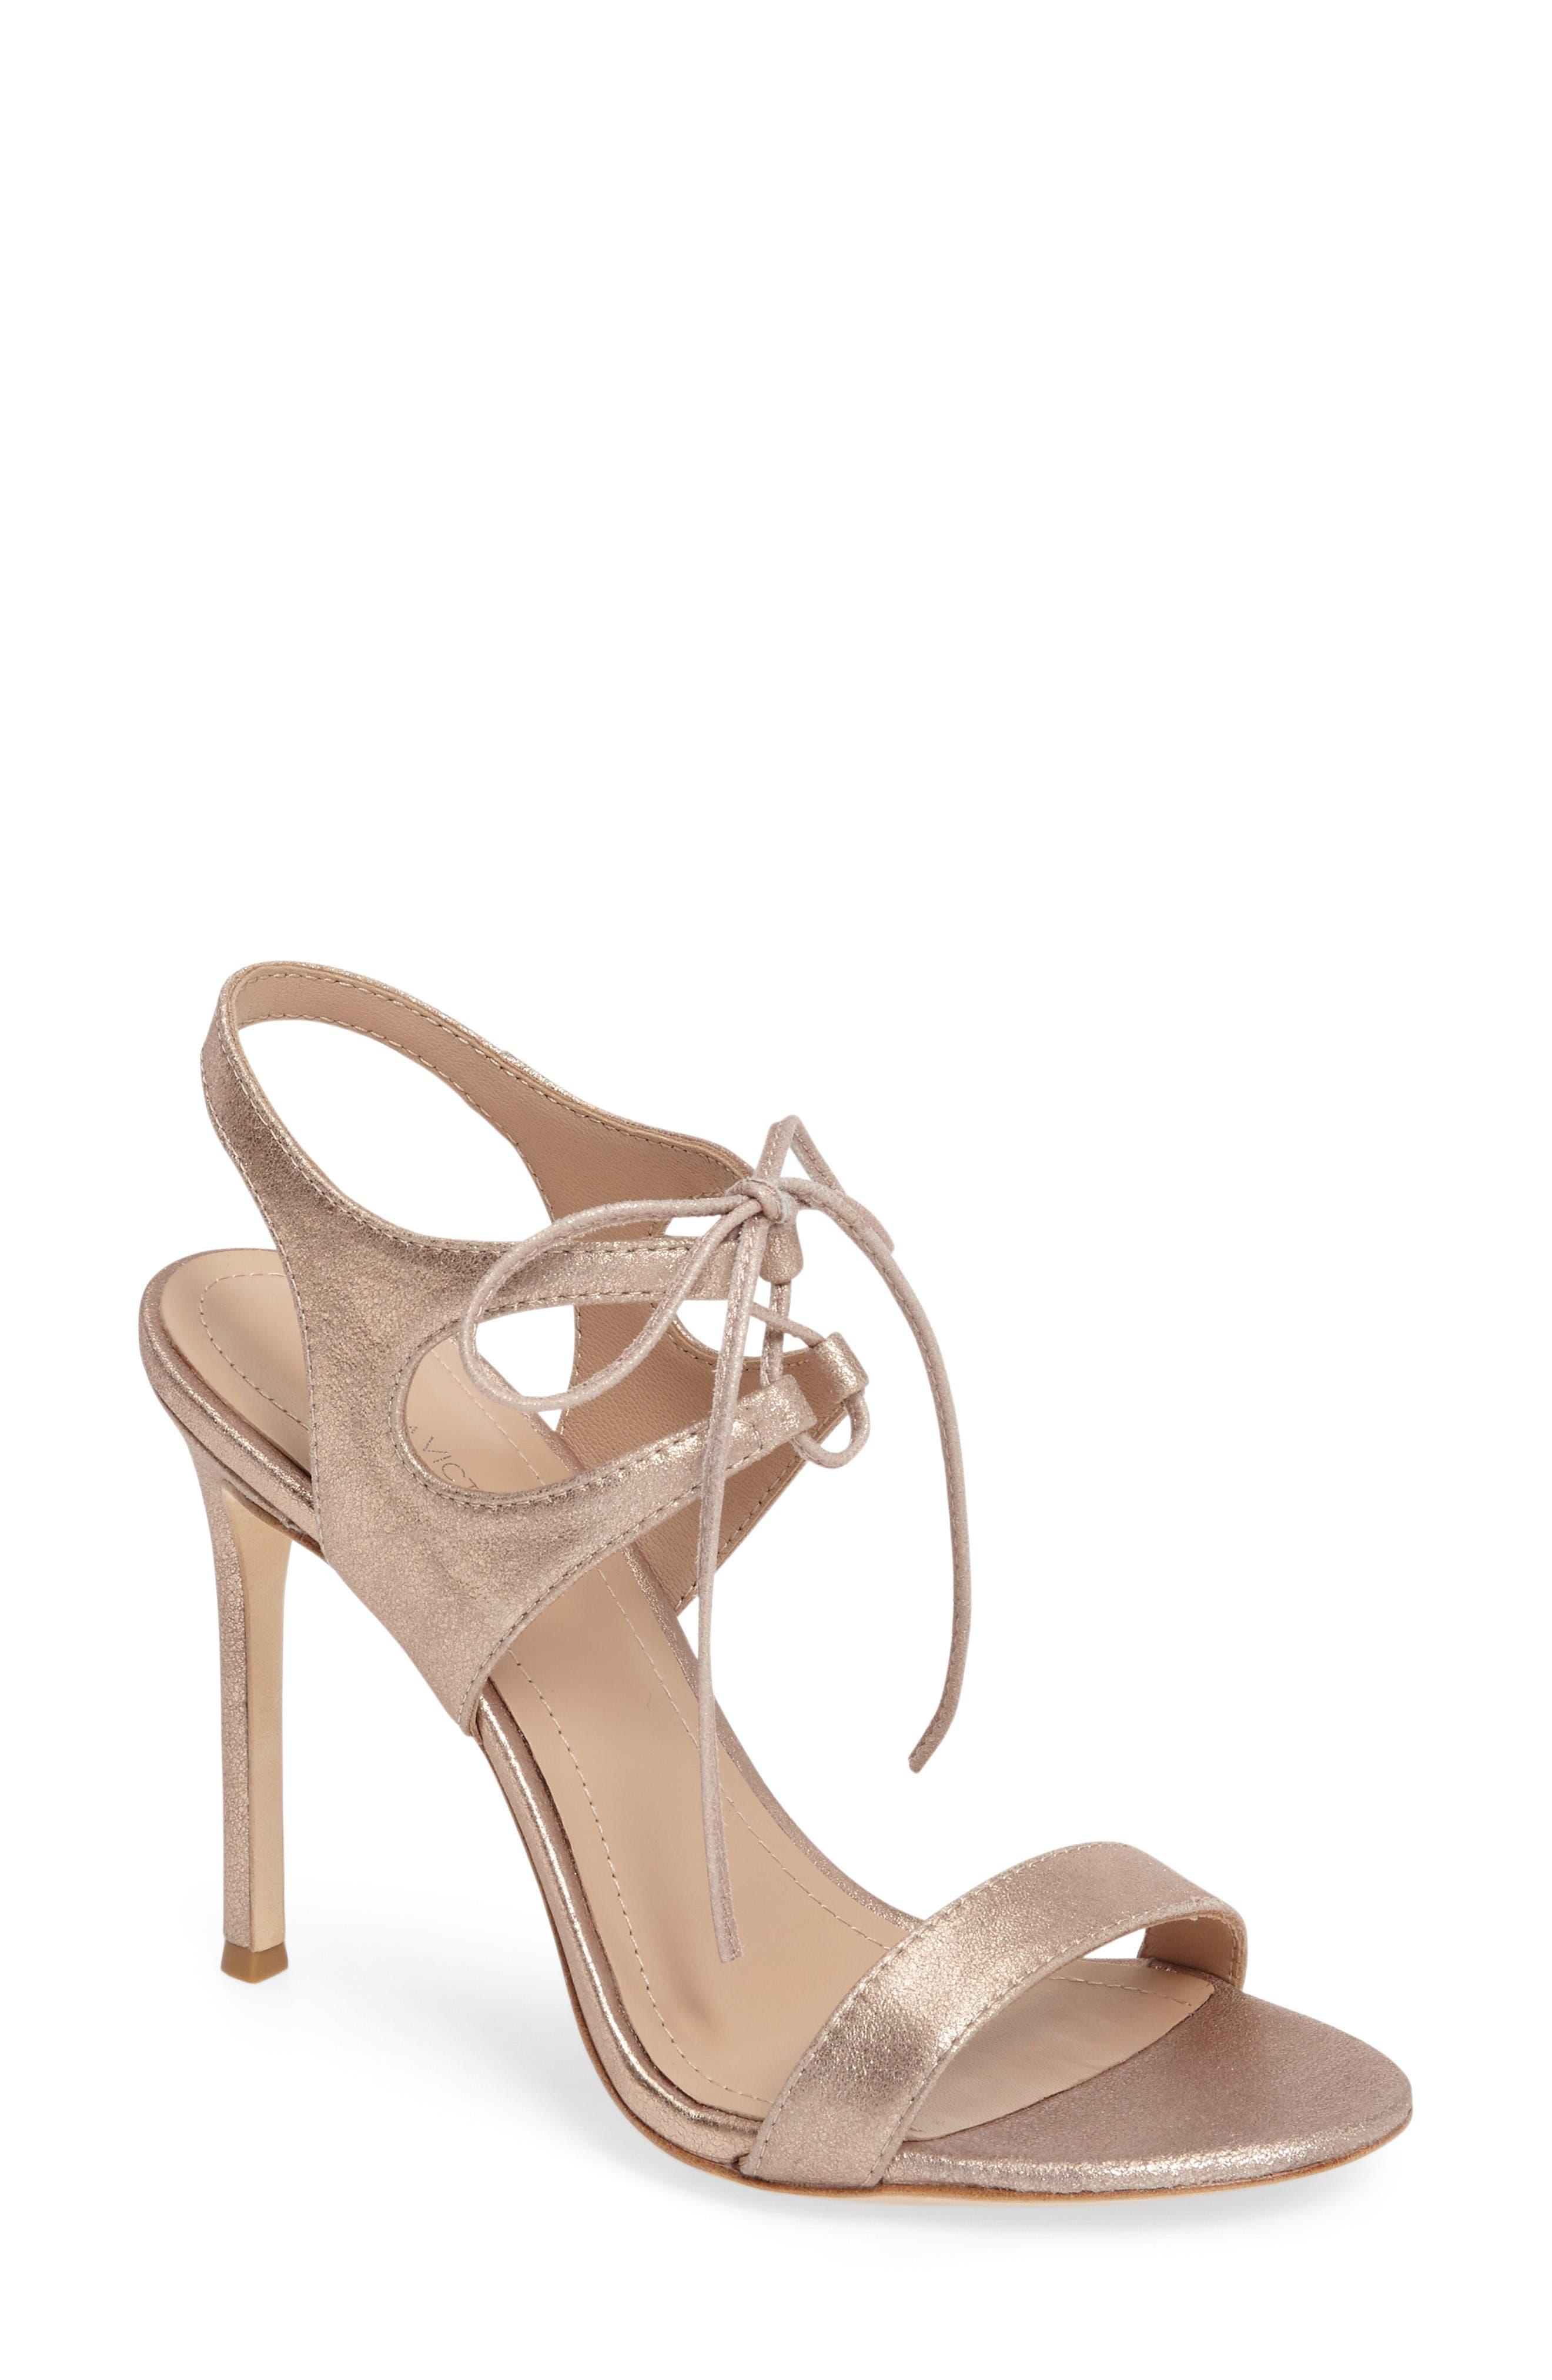 Alternate Image 1 Selected - Pour la Victorie 'Elisa' Sandal (Women)